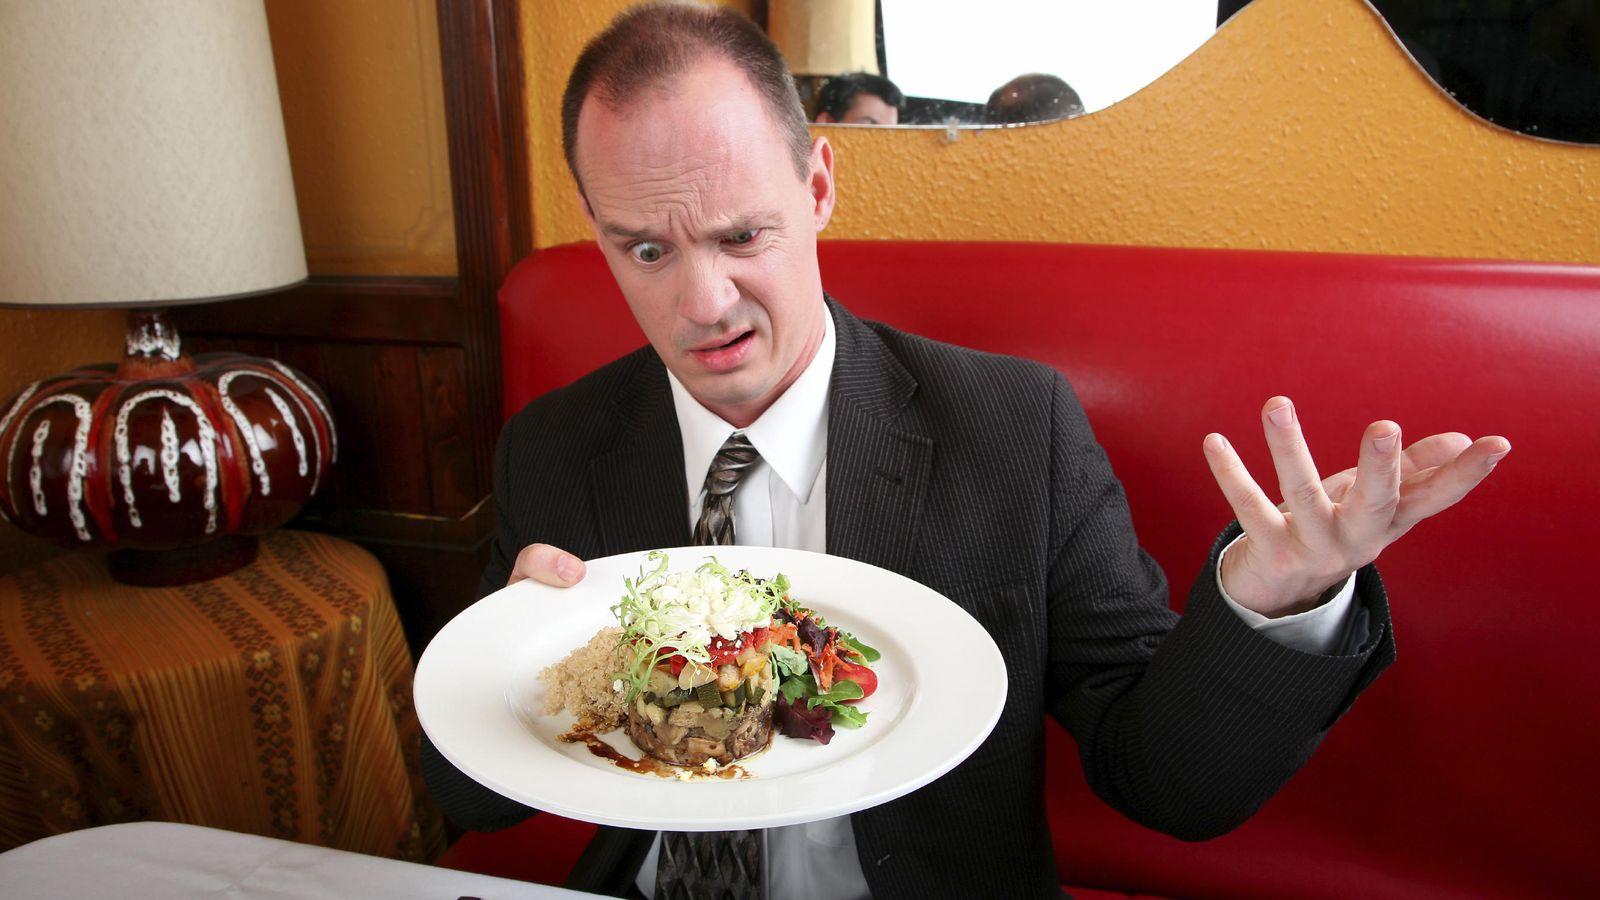 Foto: 'No, no, a mí me pone una tostada rancia, que quiero disfrutar del bouef bourguignon'. (iStock)